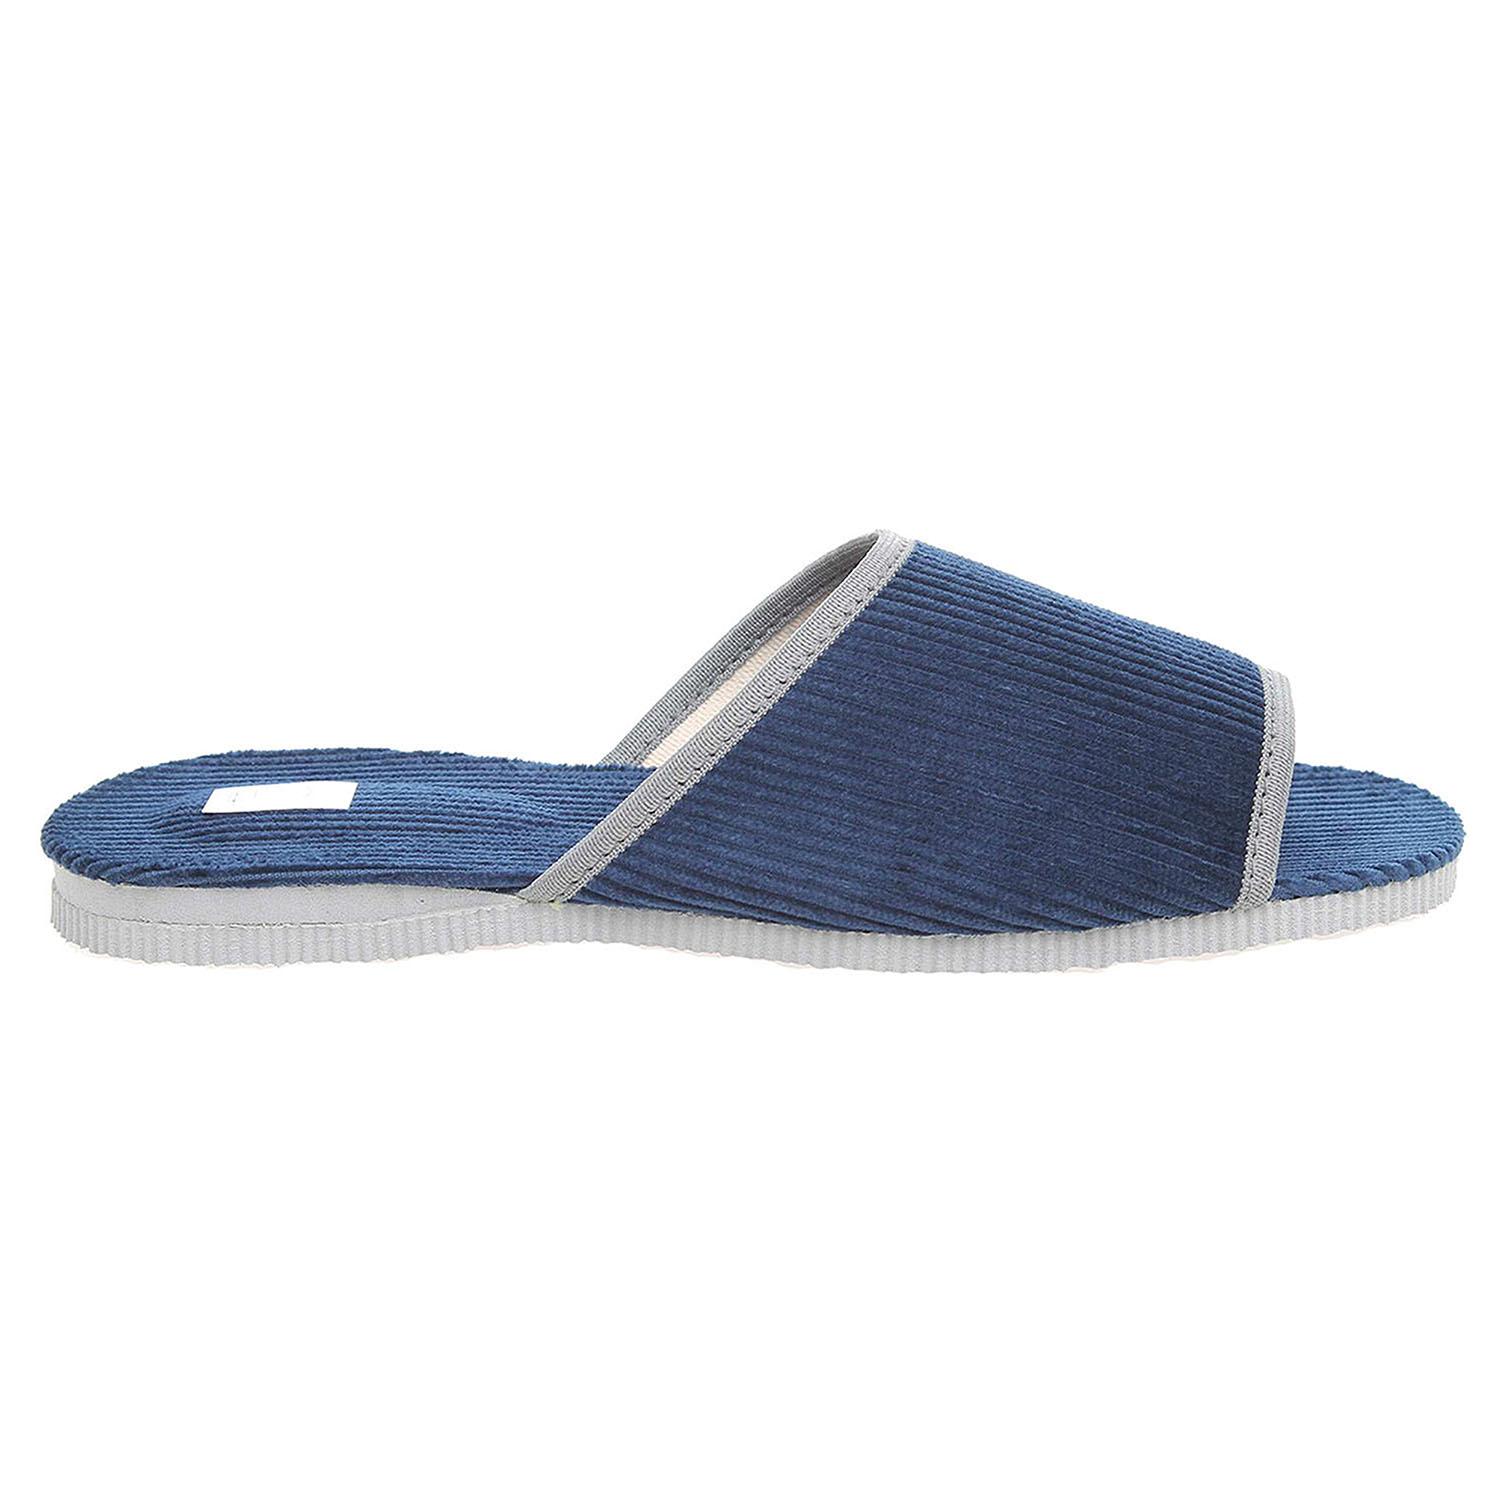 Ecco Pánské domácí pantofle 3009.00 modré 24800246